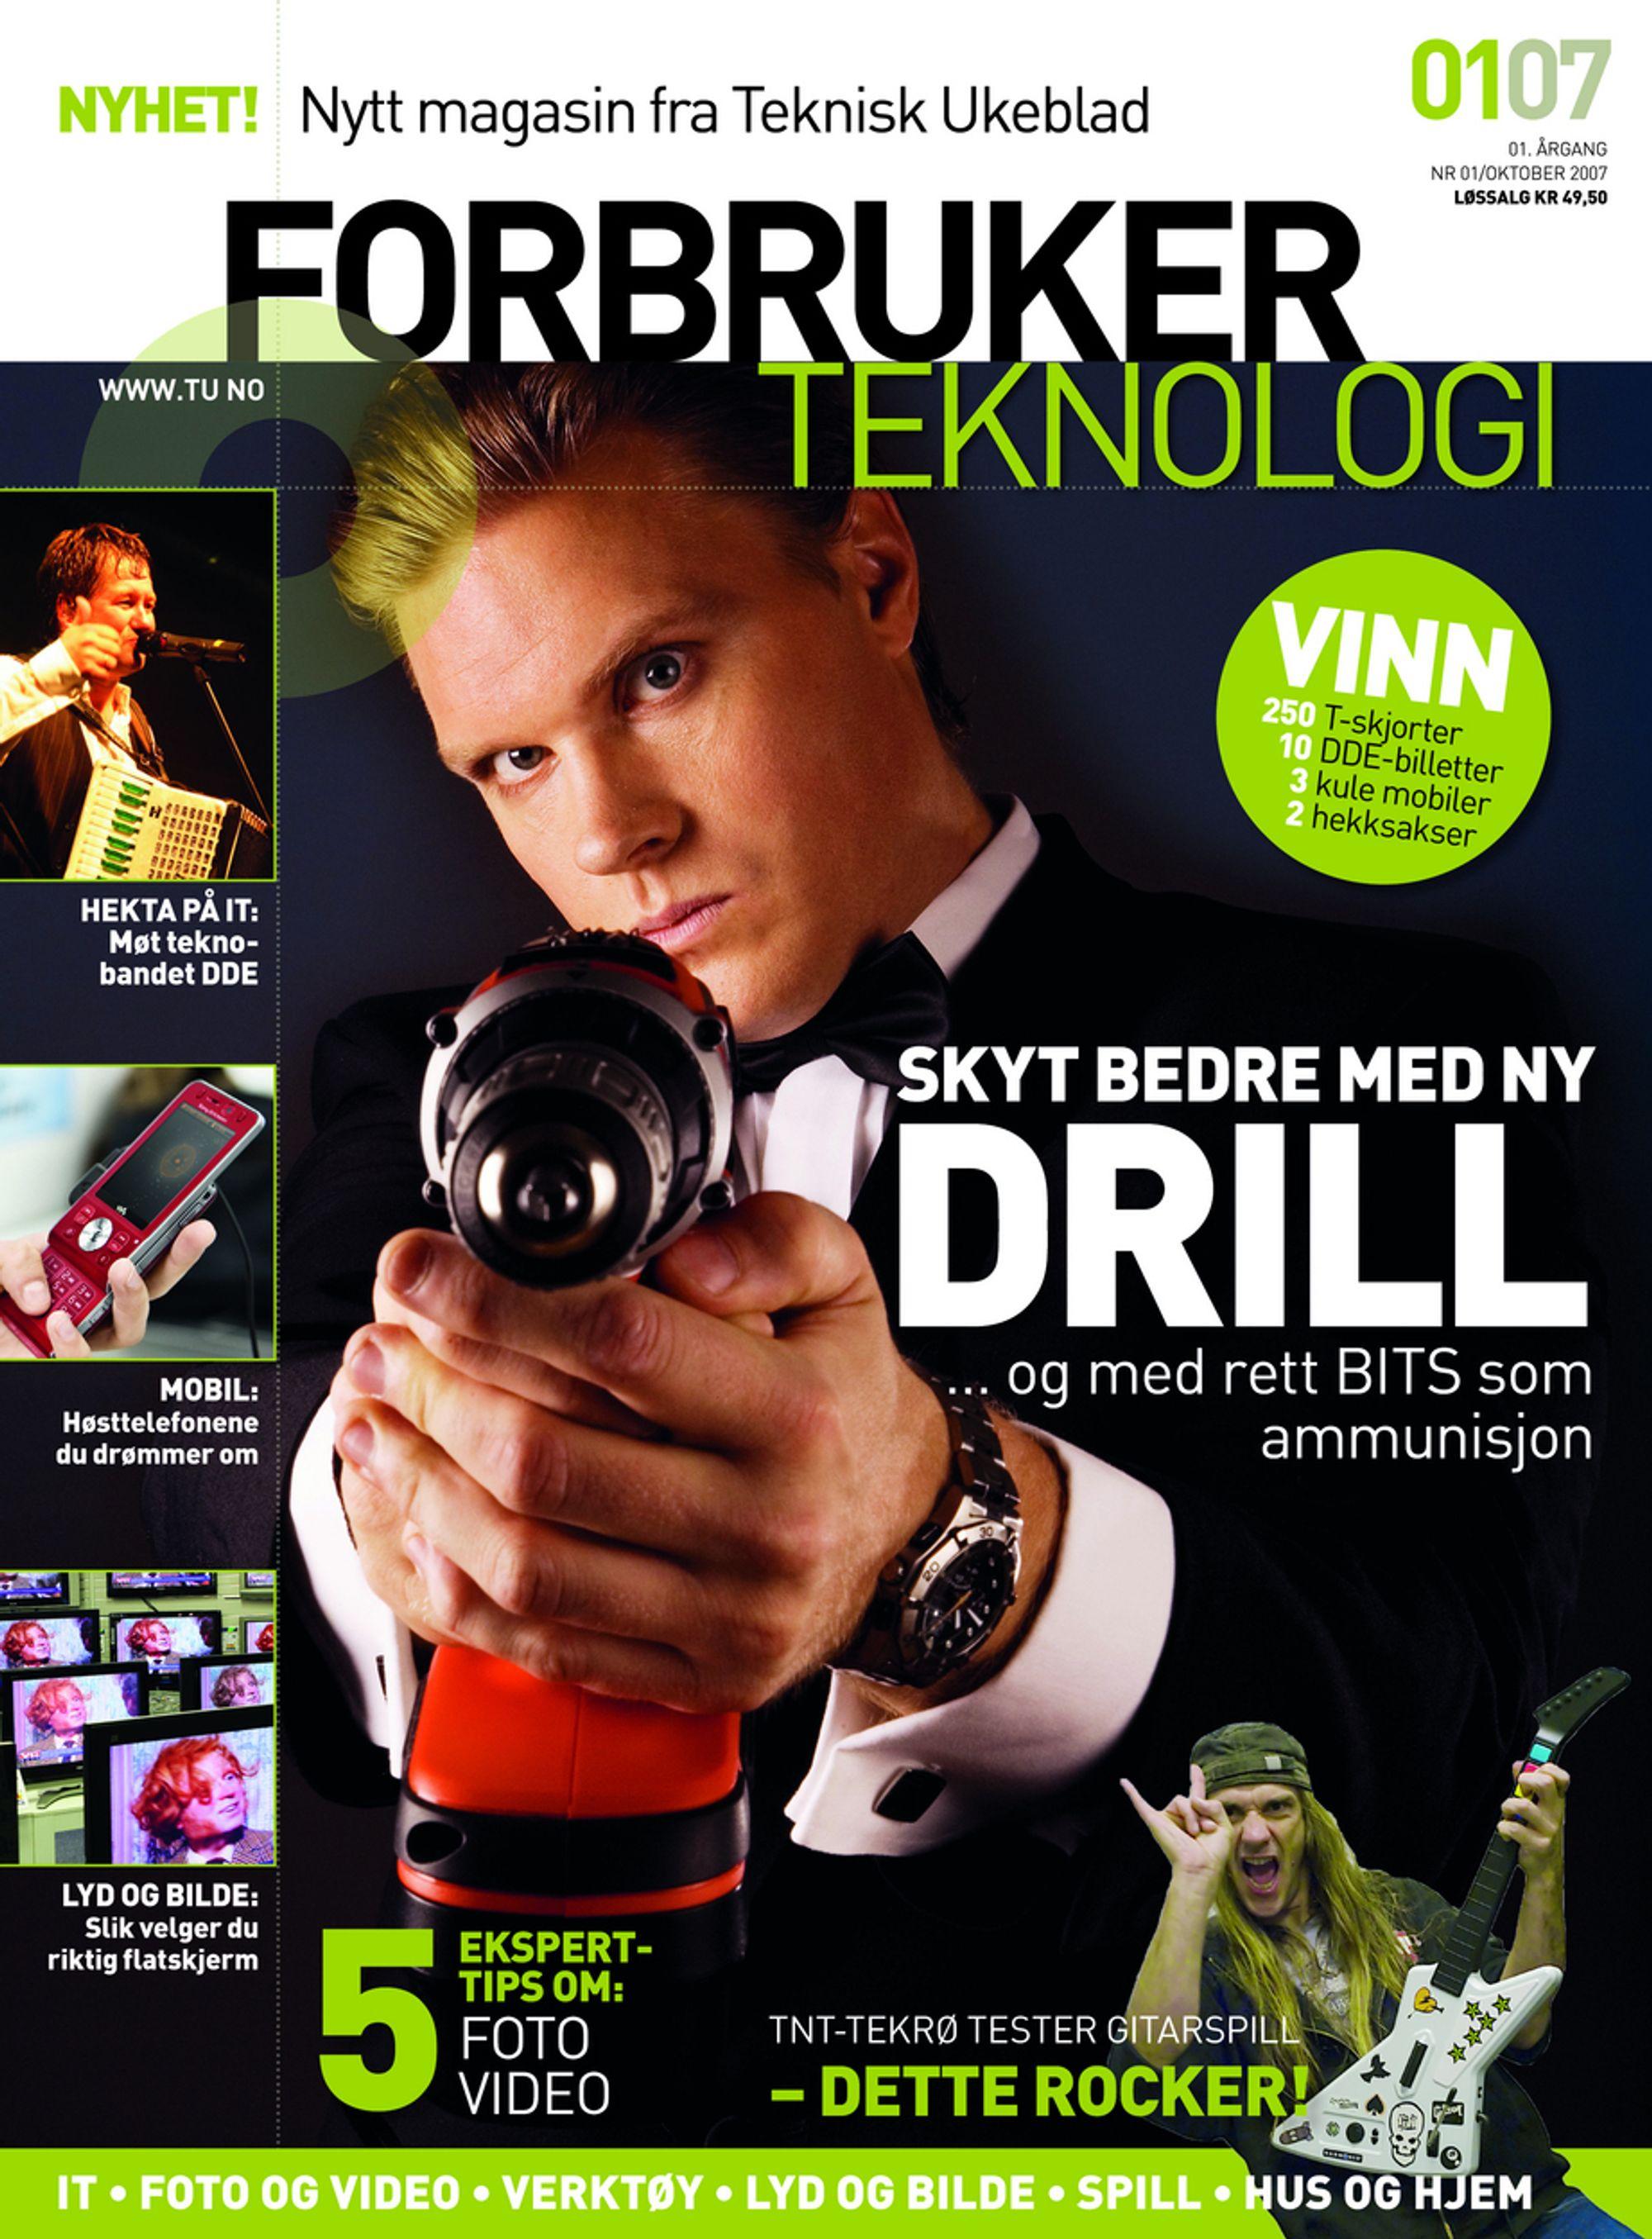 SE ETTER DETTE: Neste uke kommer det nye magasinet Forbrukerteknologi. Opplaget er på hele 110 000 eksemplarer, som vil gjøre Forbrukerteknologi til Norges desidert største forbrukermagasin i sitt slag.